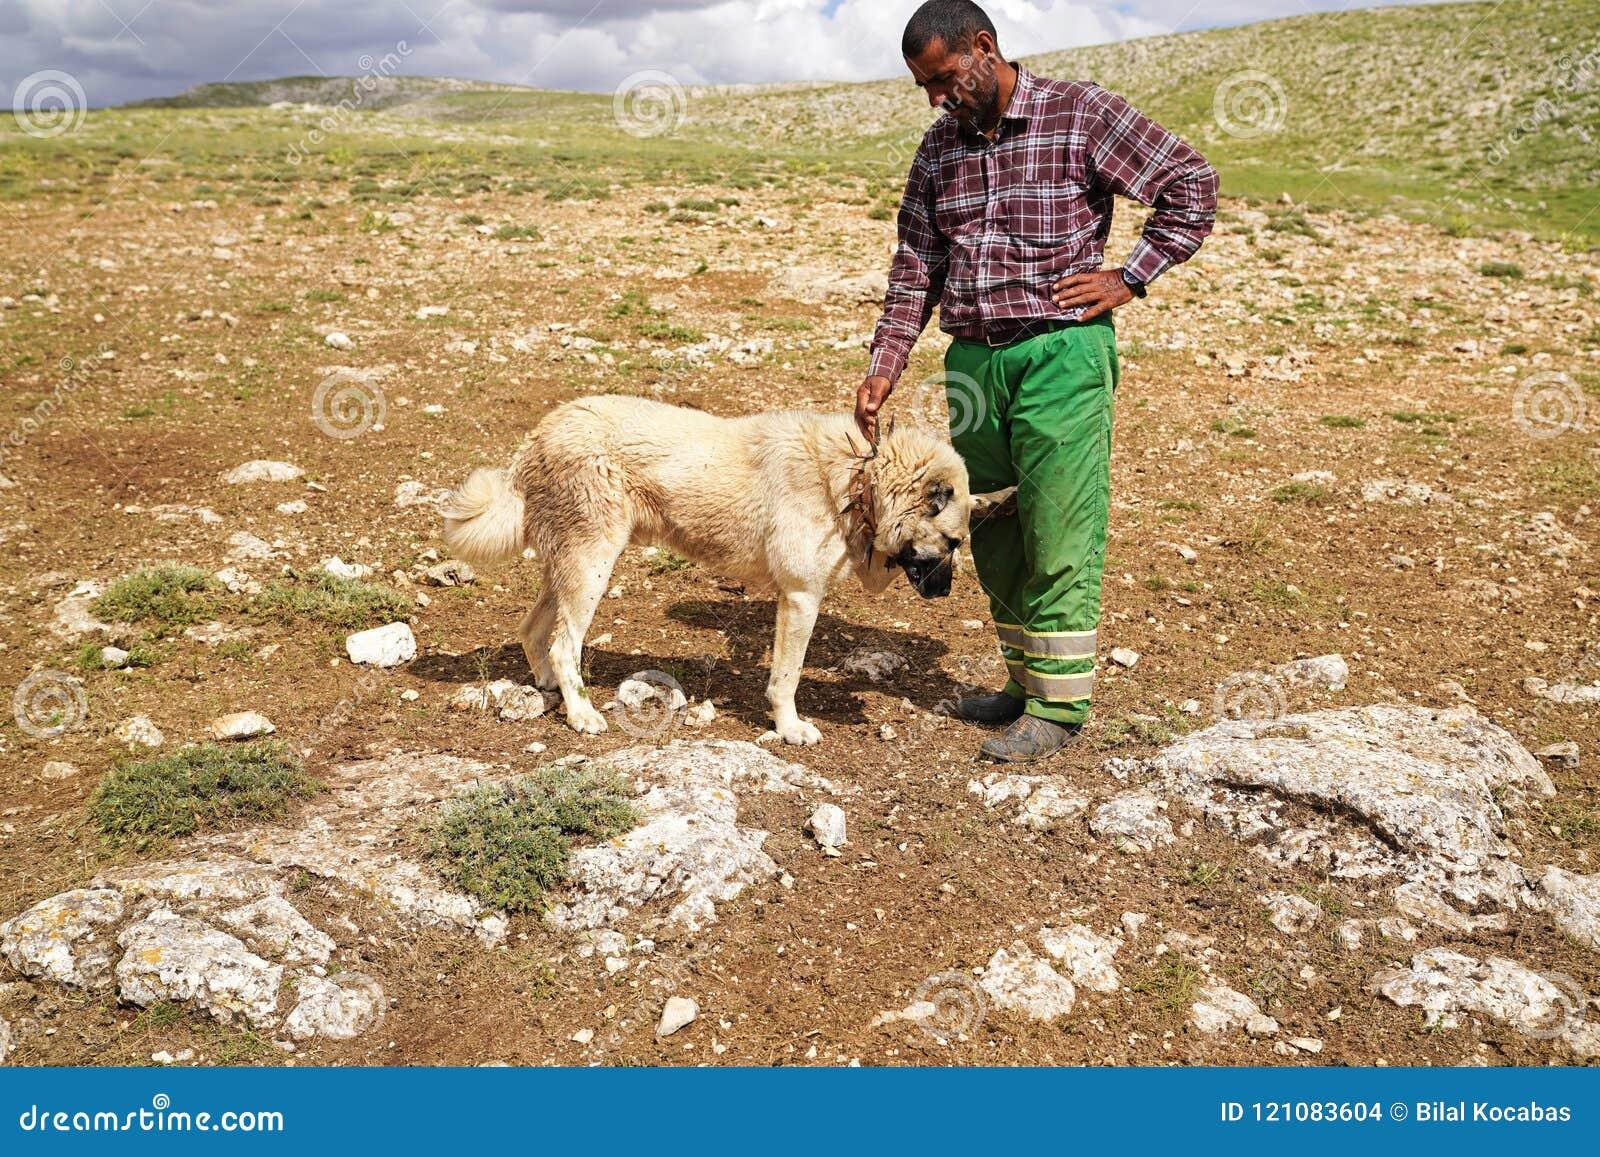 Gurun, Sivas/Turkey-June 21 2018: Anatolian shepherd dog with sp